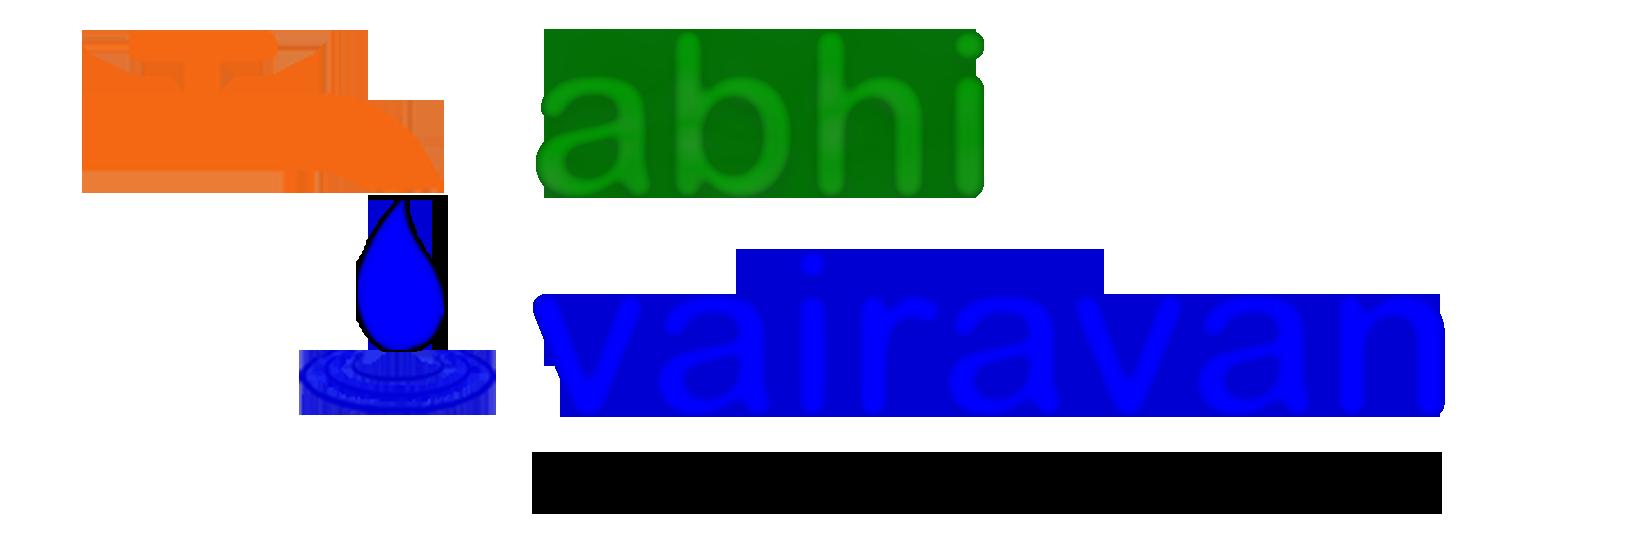 Abhi Vairavan